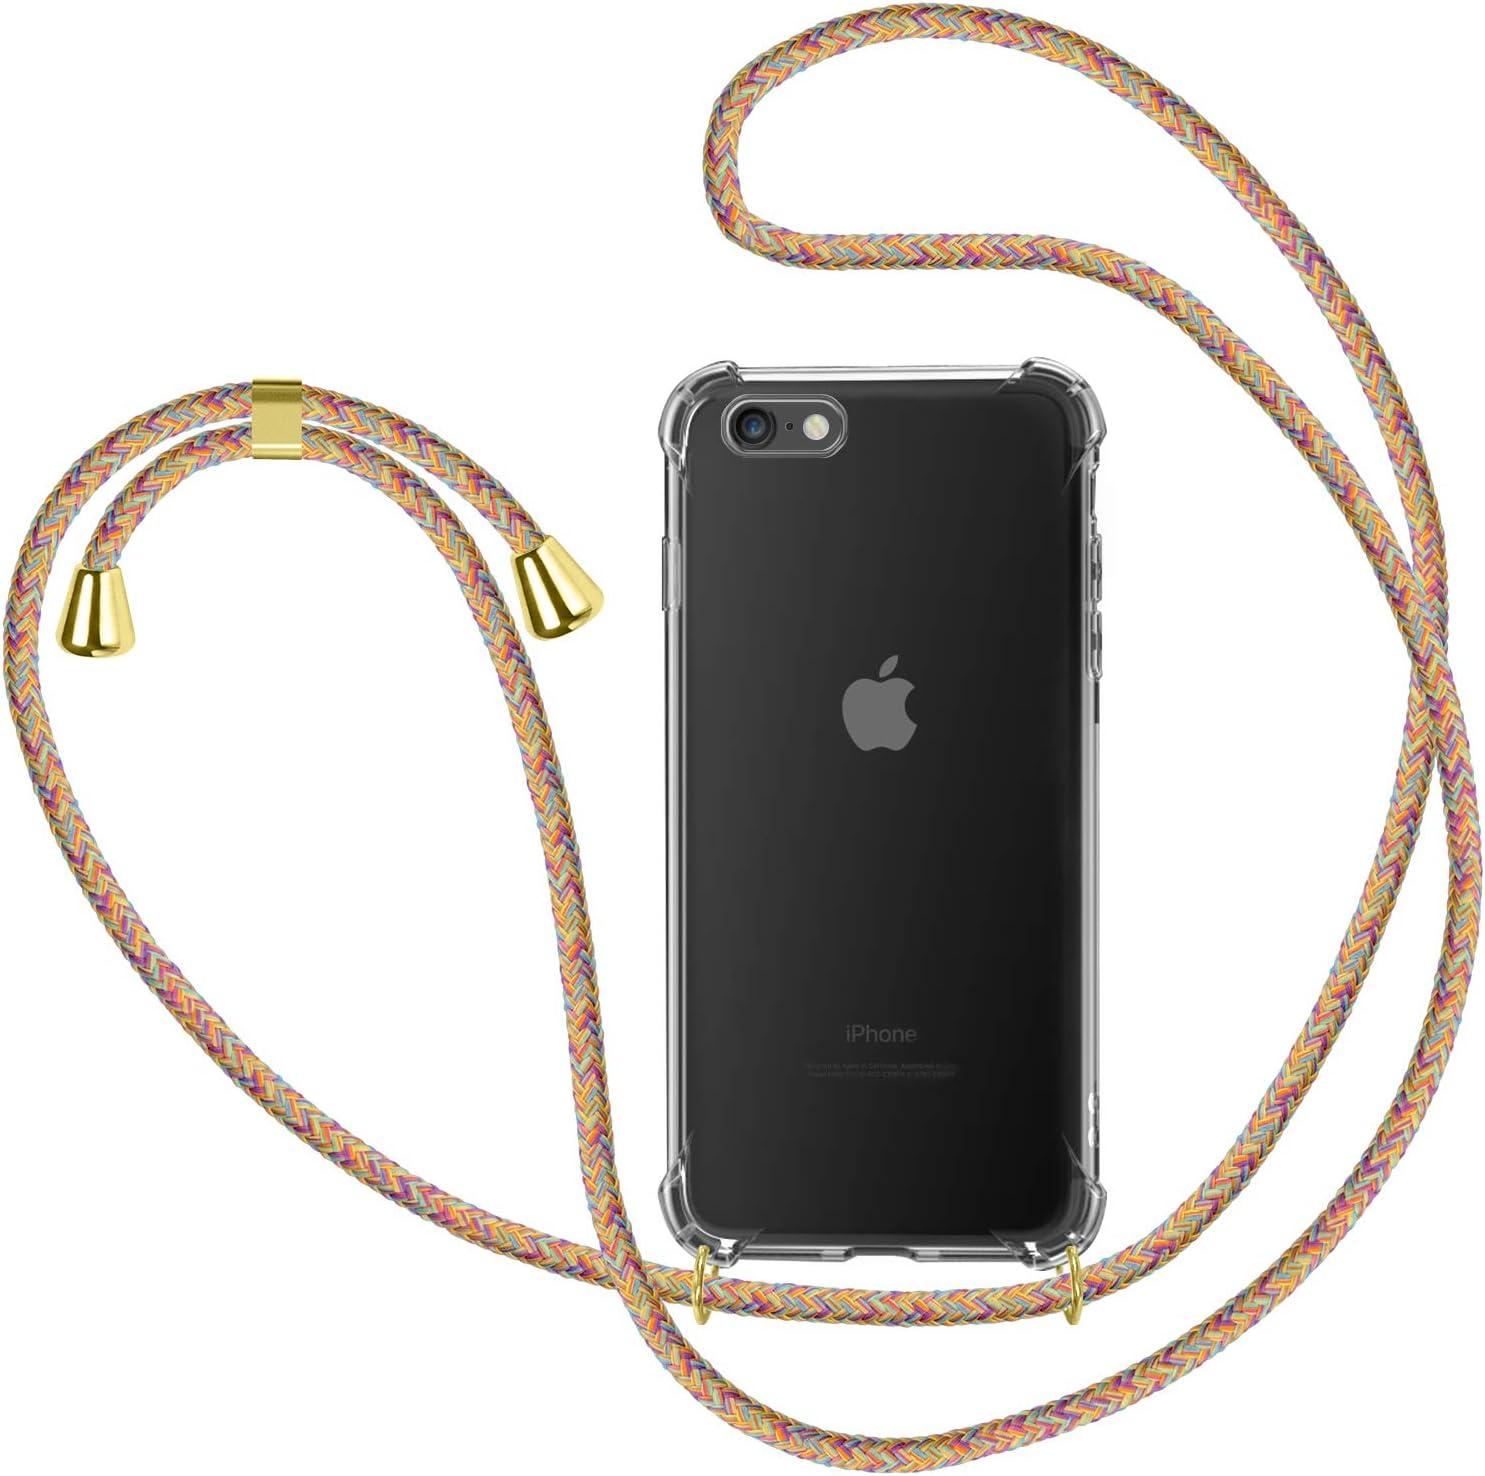 Funda con Cuerda para Apple iPhone 6 / 6s, Carcasa Transparente TPU Suave Silicona Case con Correa Colgante Ajustable Collar Correa de Cuello Cadena ...